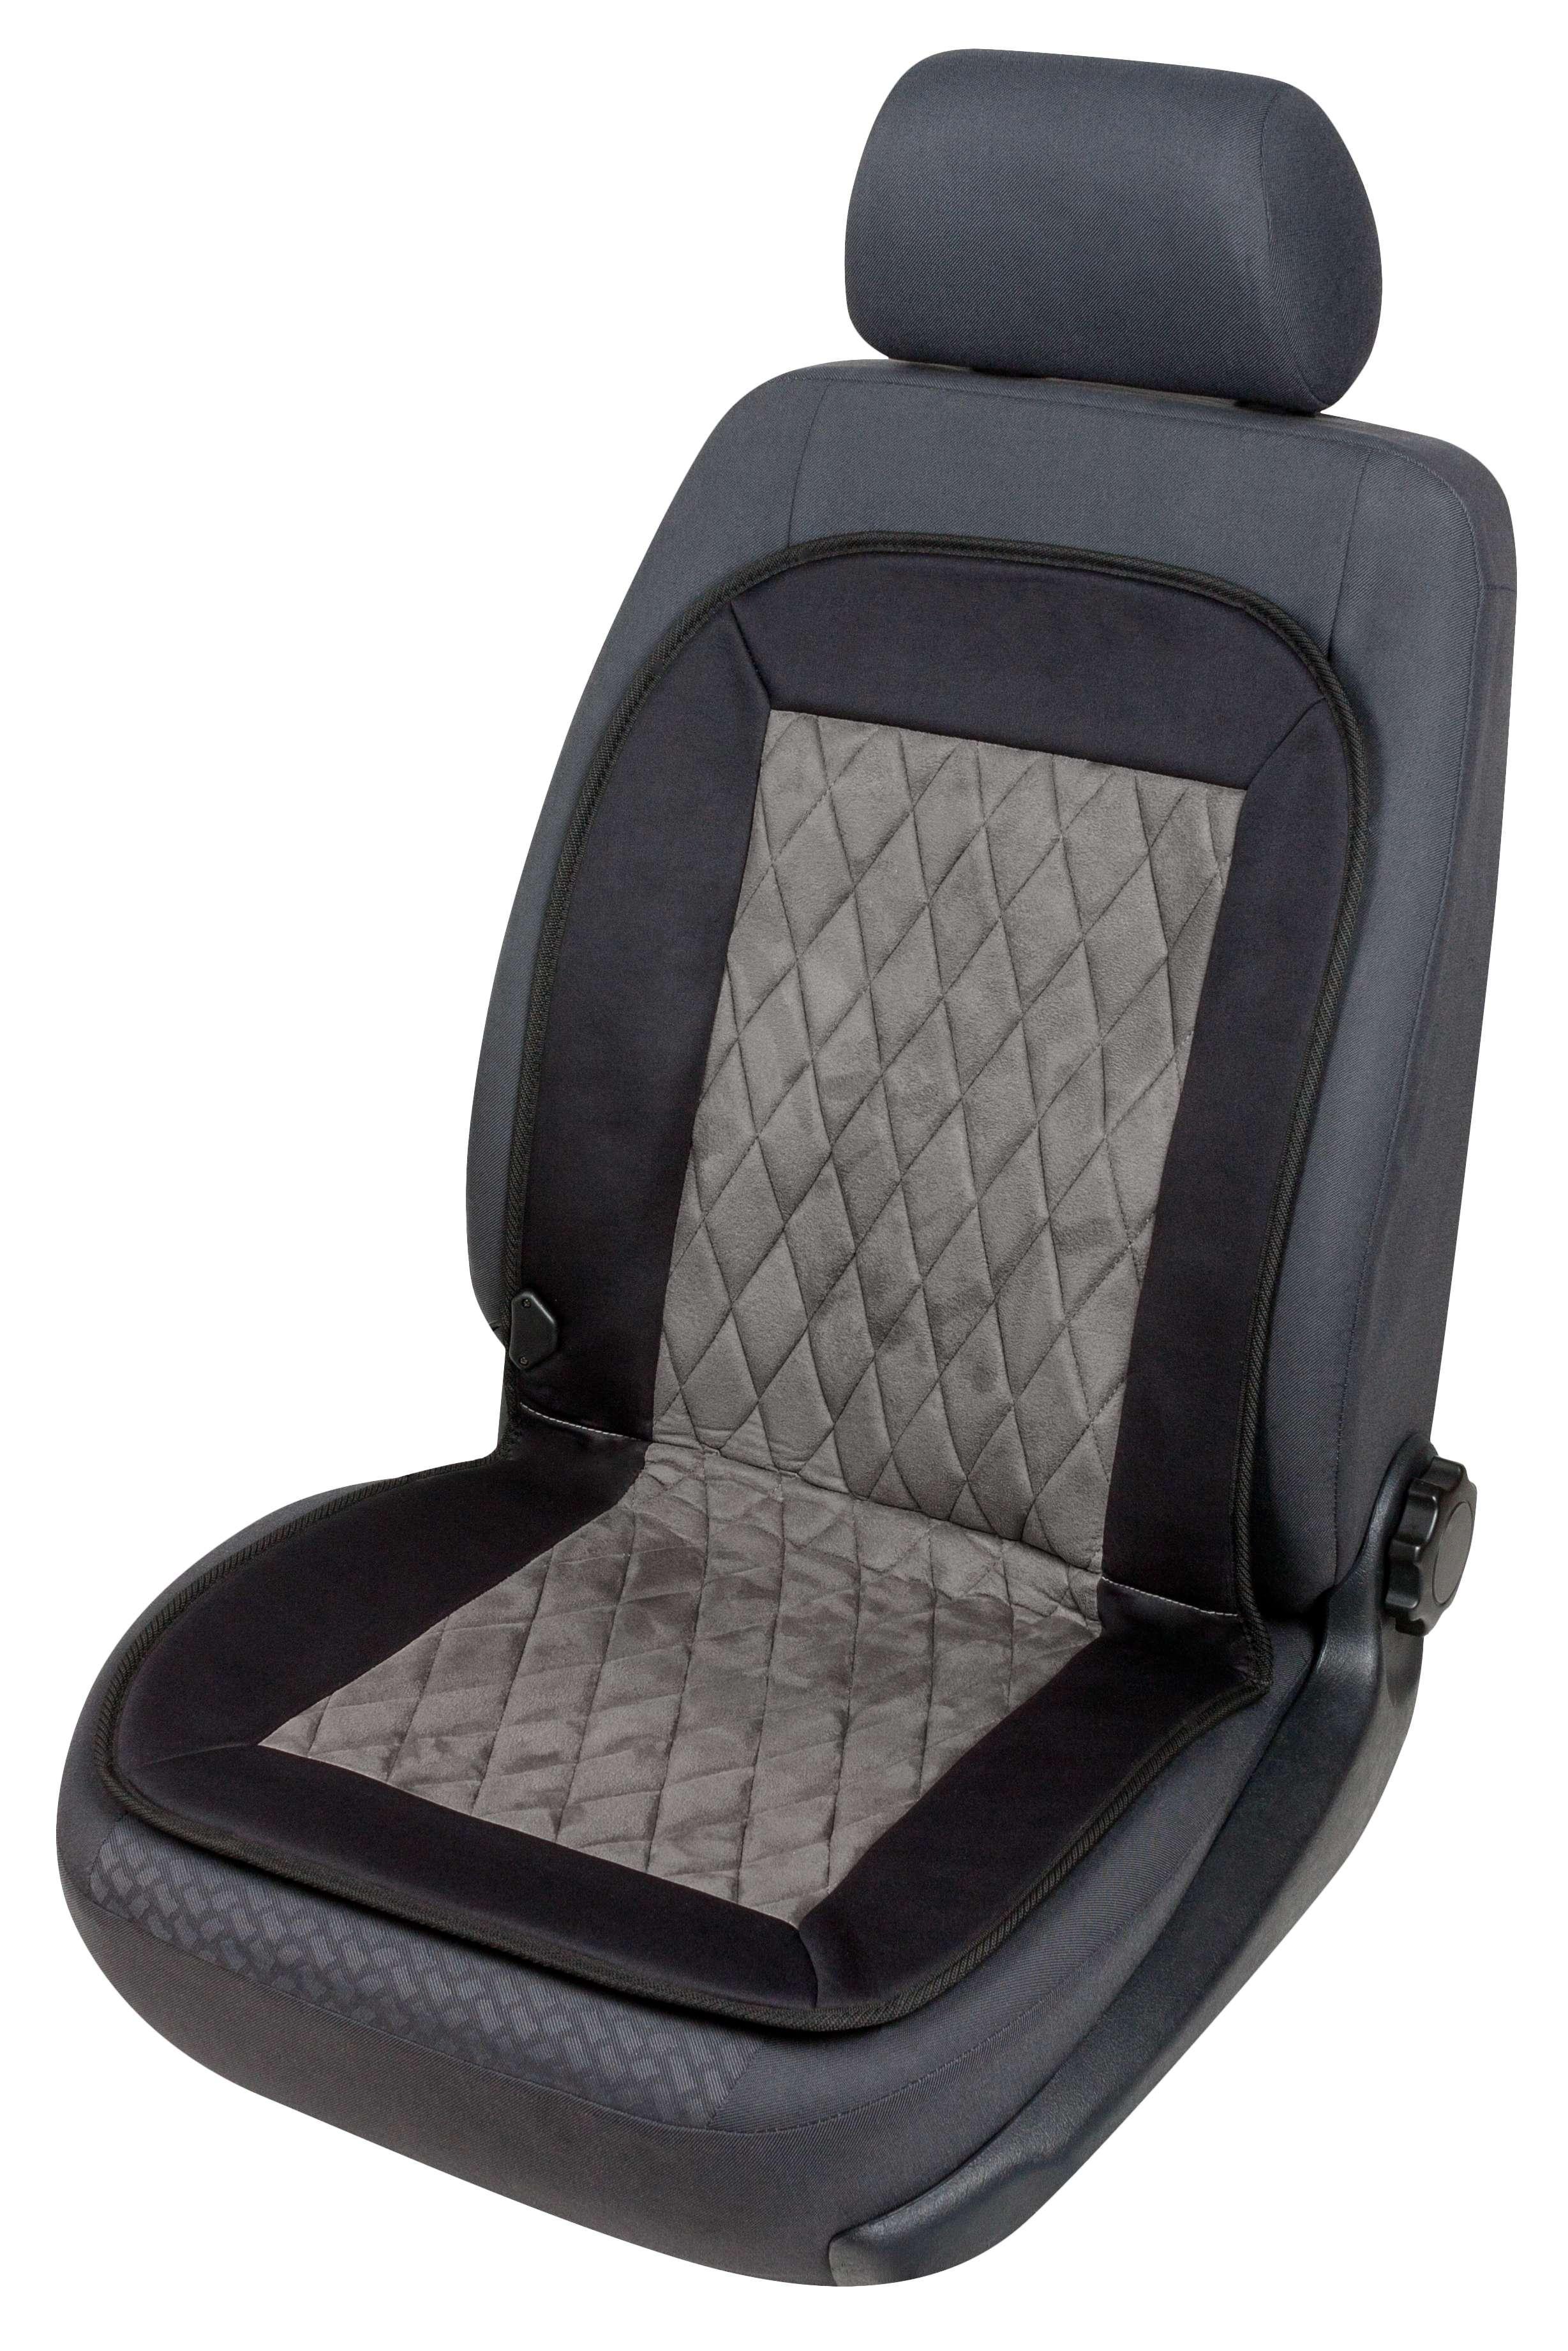 Θερμαινόμενο Κάλυμμα Καθίσματος 16763 WALSER 16763 Γνήσια ποιότητας